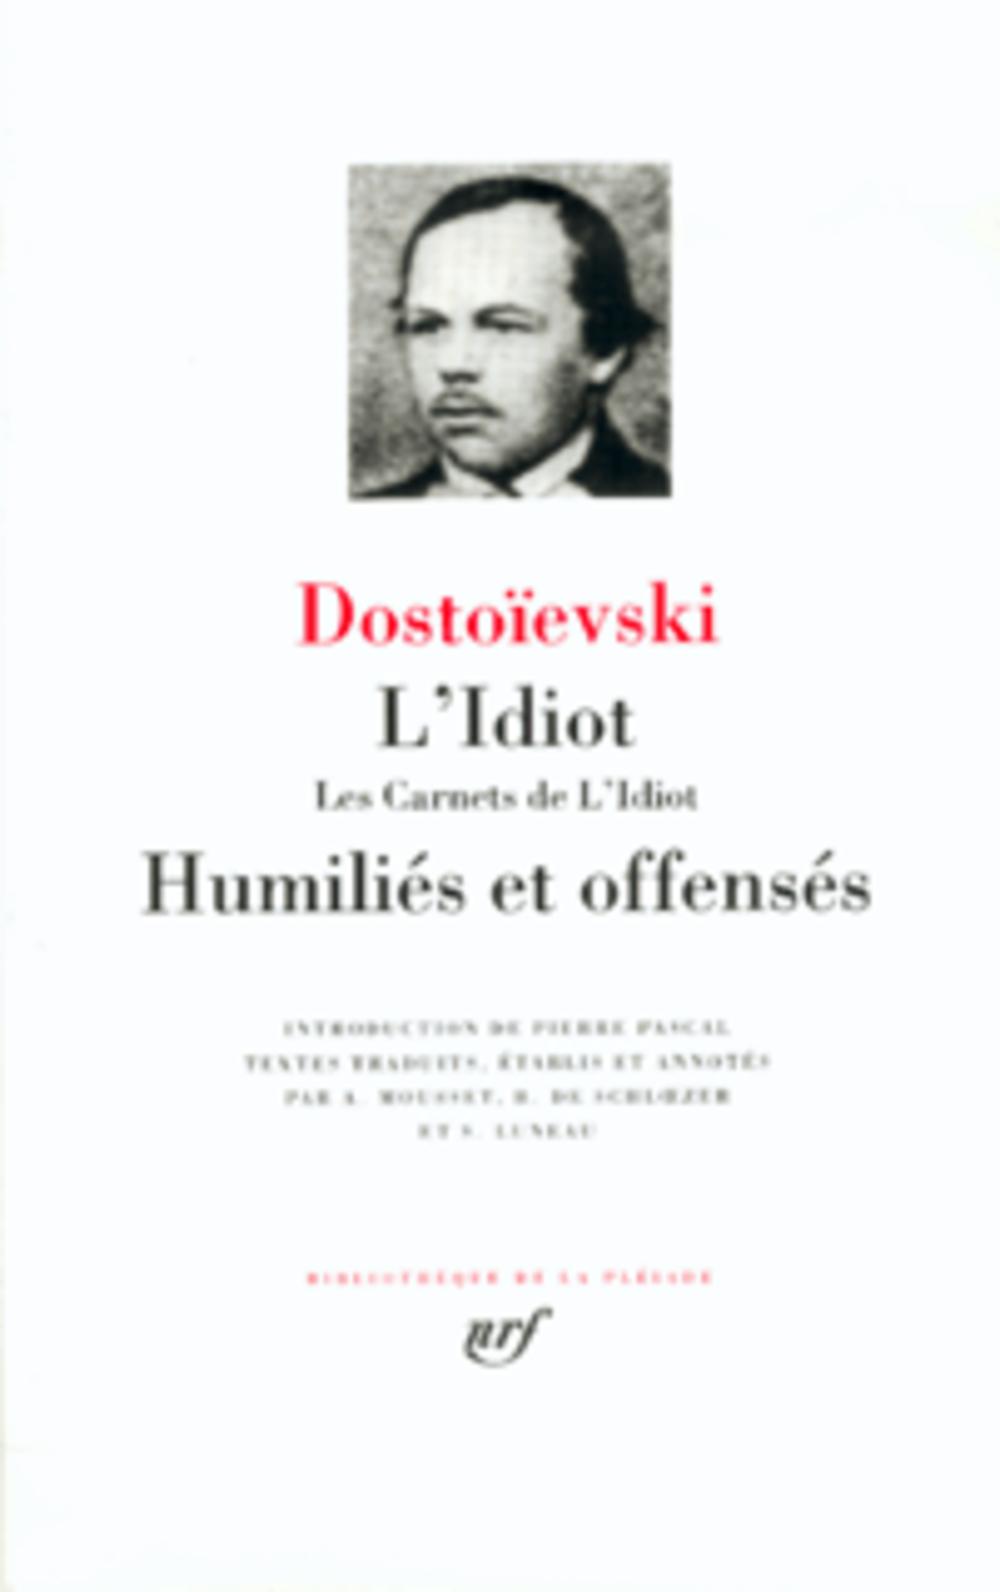 DOSTOIEVSKI F - L'IDIOT